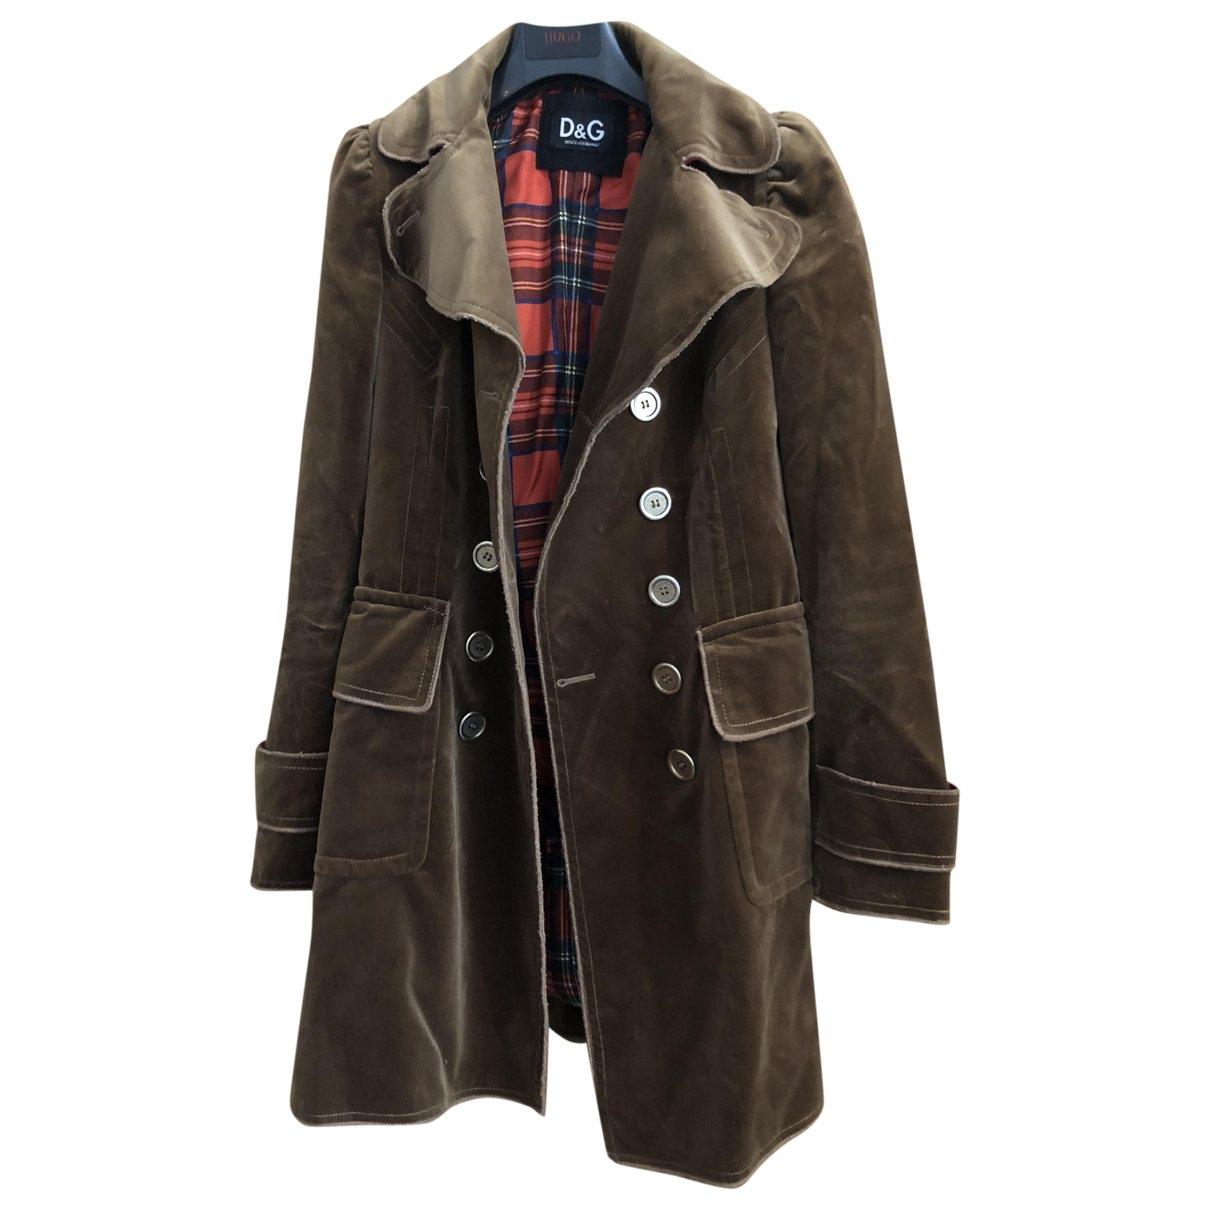 D&g - Manteau   pour femme en velours - marron